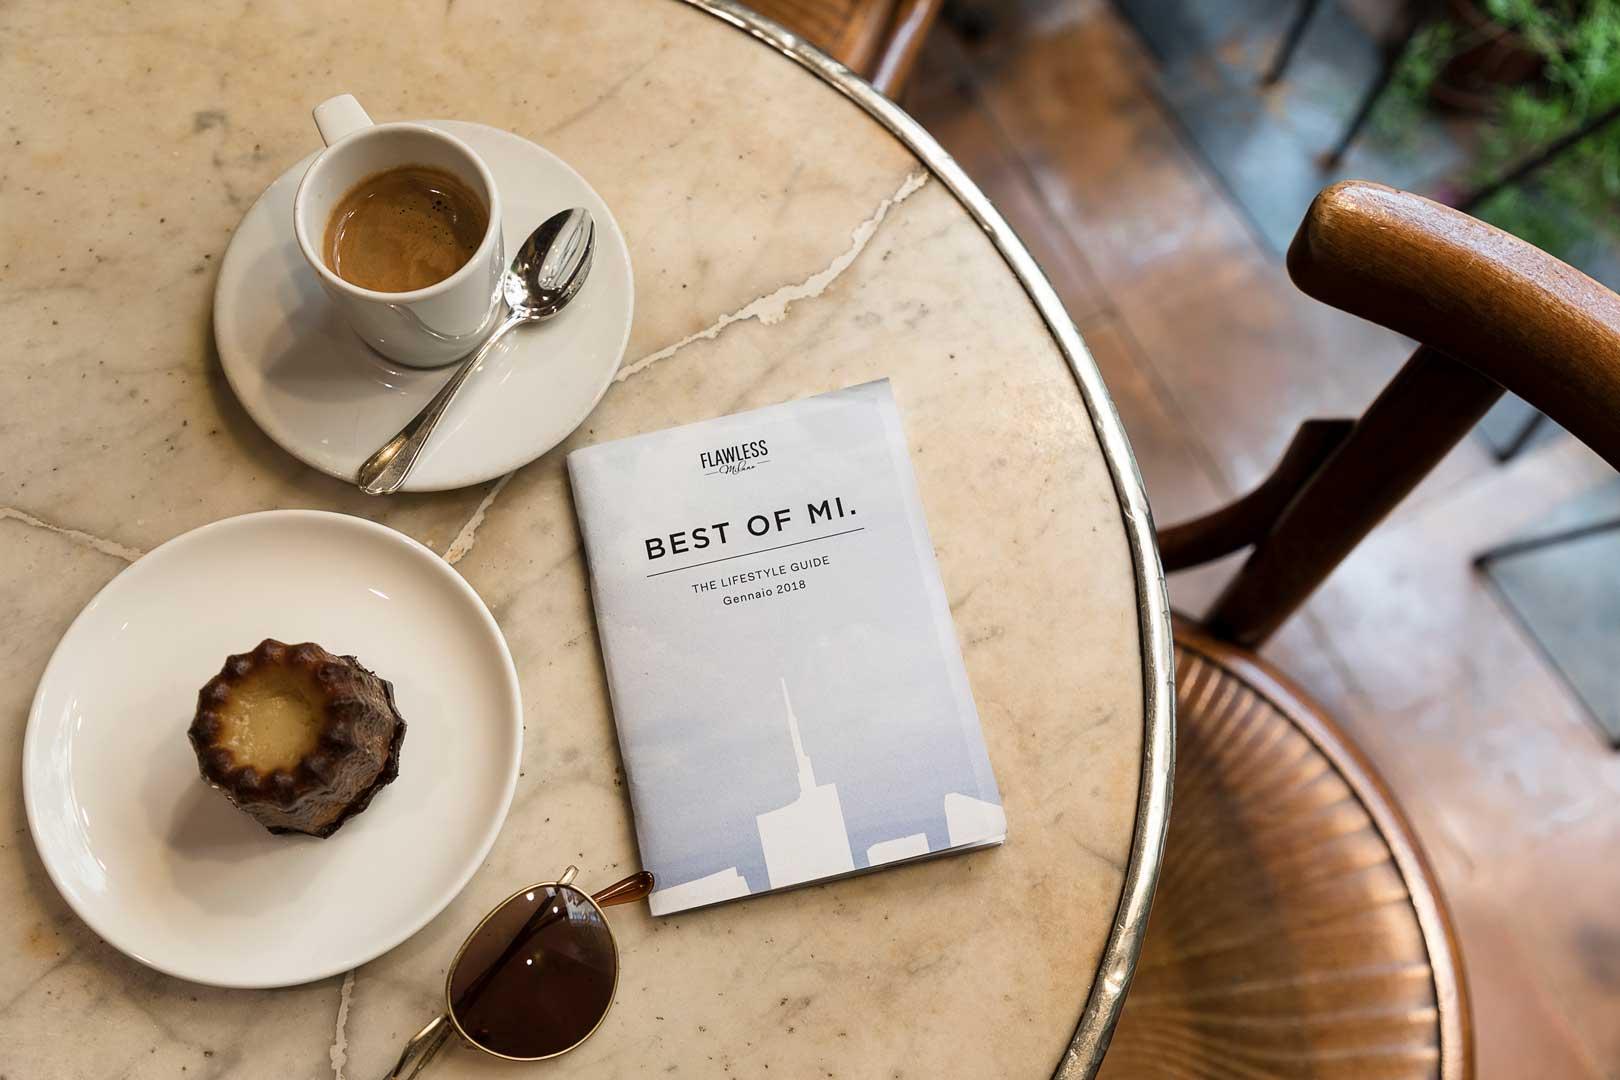 Best of Mi. Gennaio 2018 - Milano